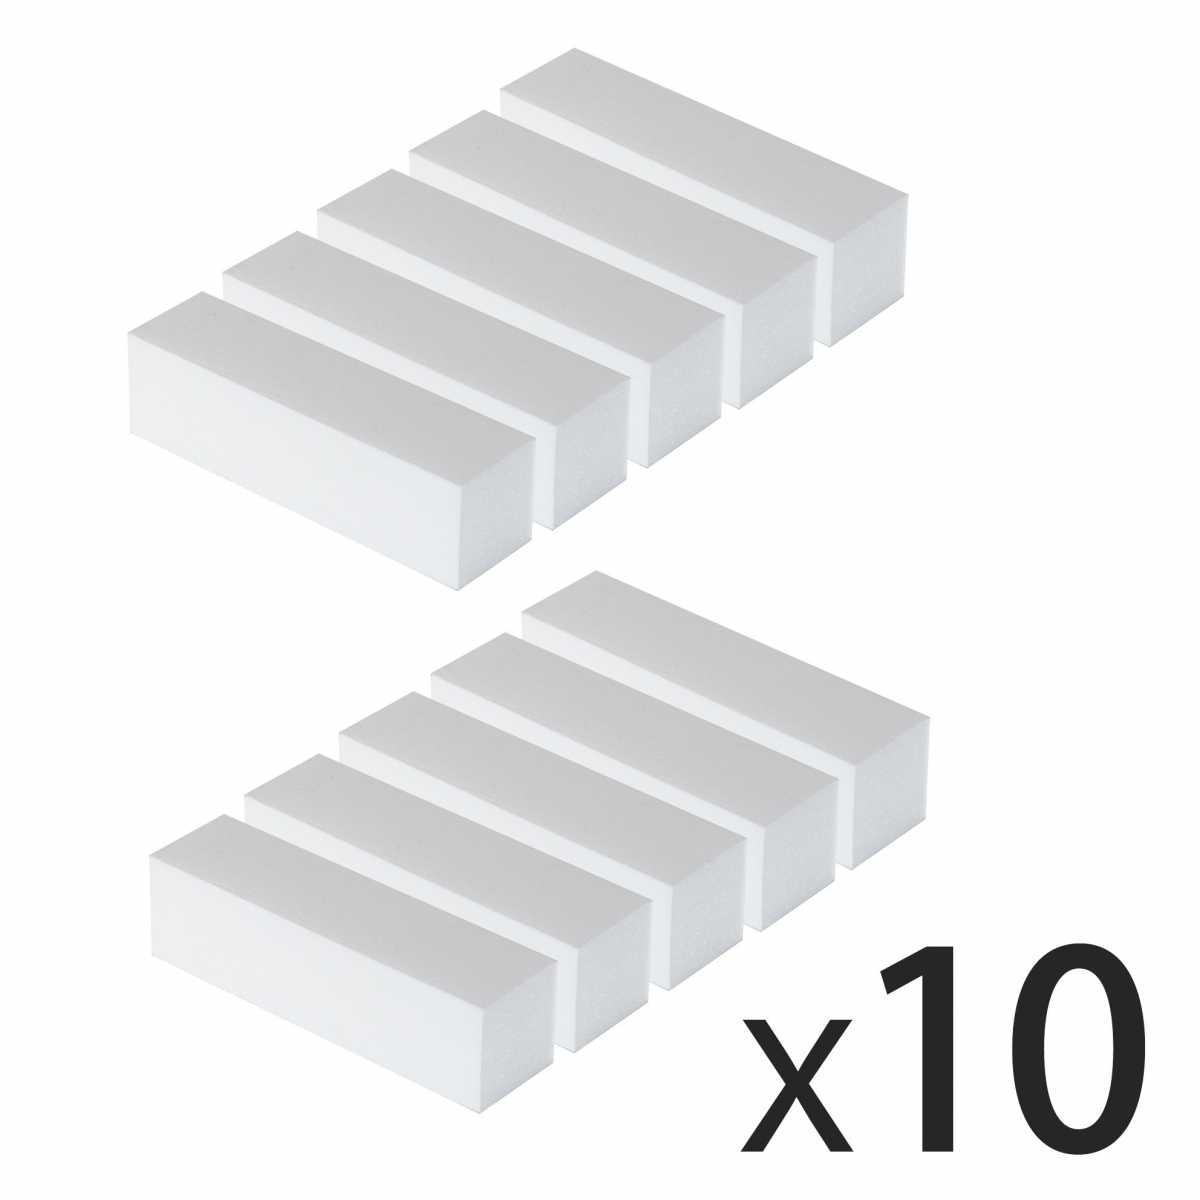 https://www.kit-manucure.com/2185-thickbox_default/lot-de-10-blocs-blancs-polissoirs-grain-100-.jpg